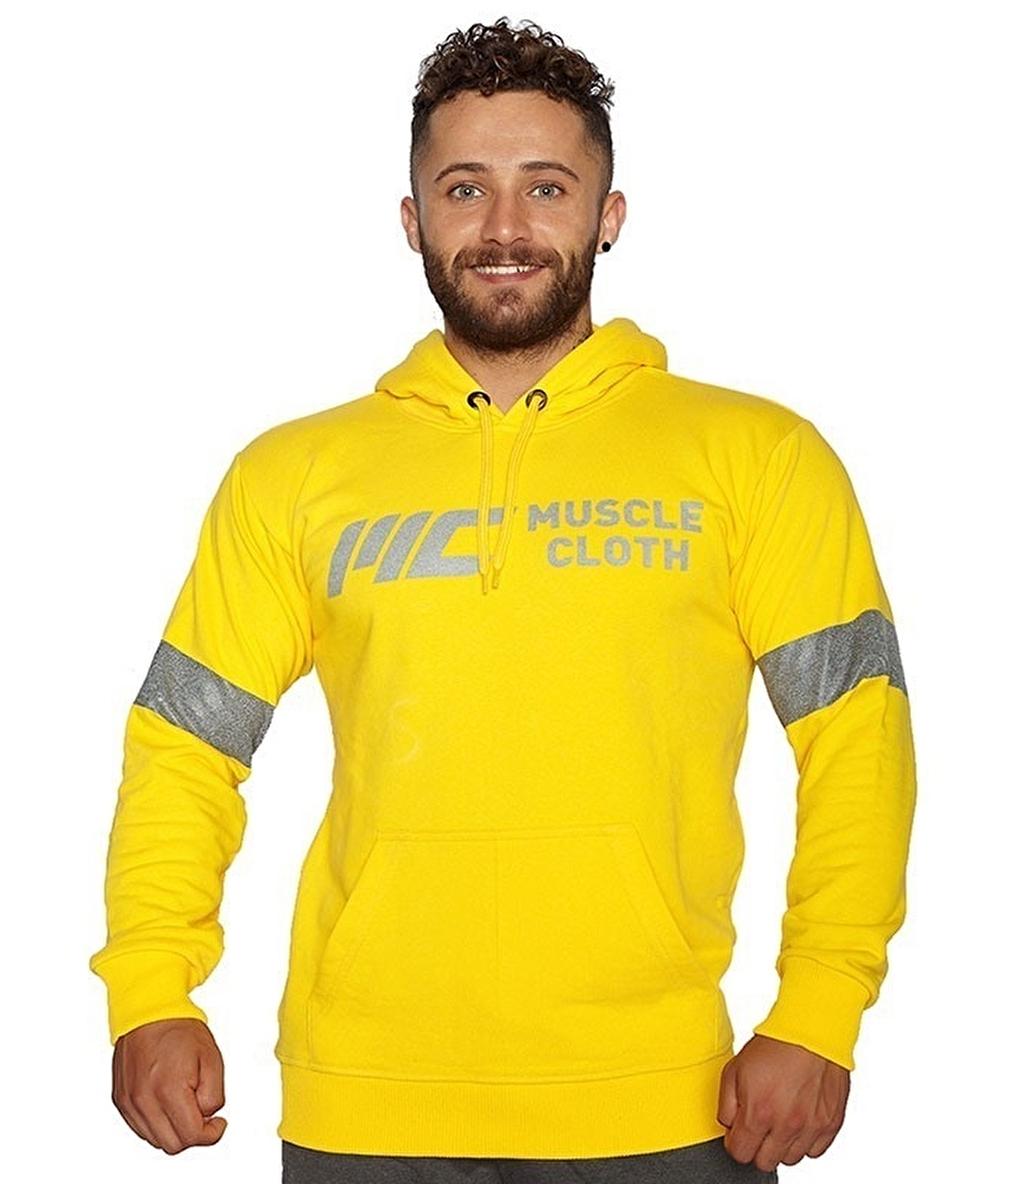 MuscleCloth Kapüşonlu Sweatshirt Sarı